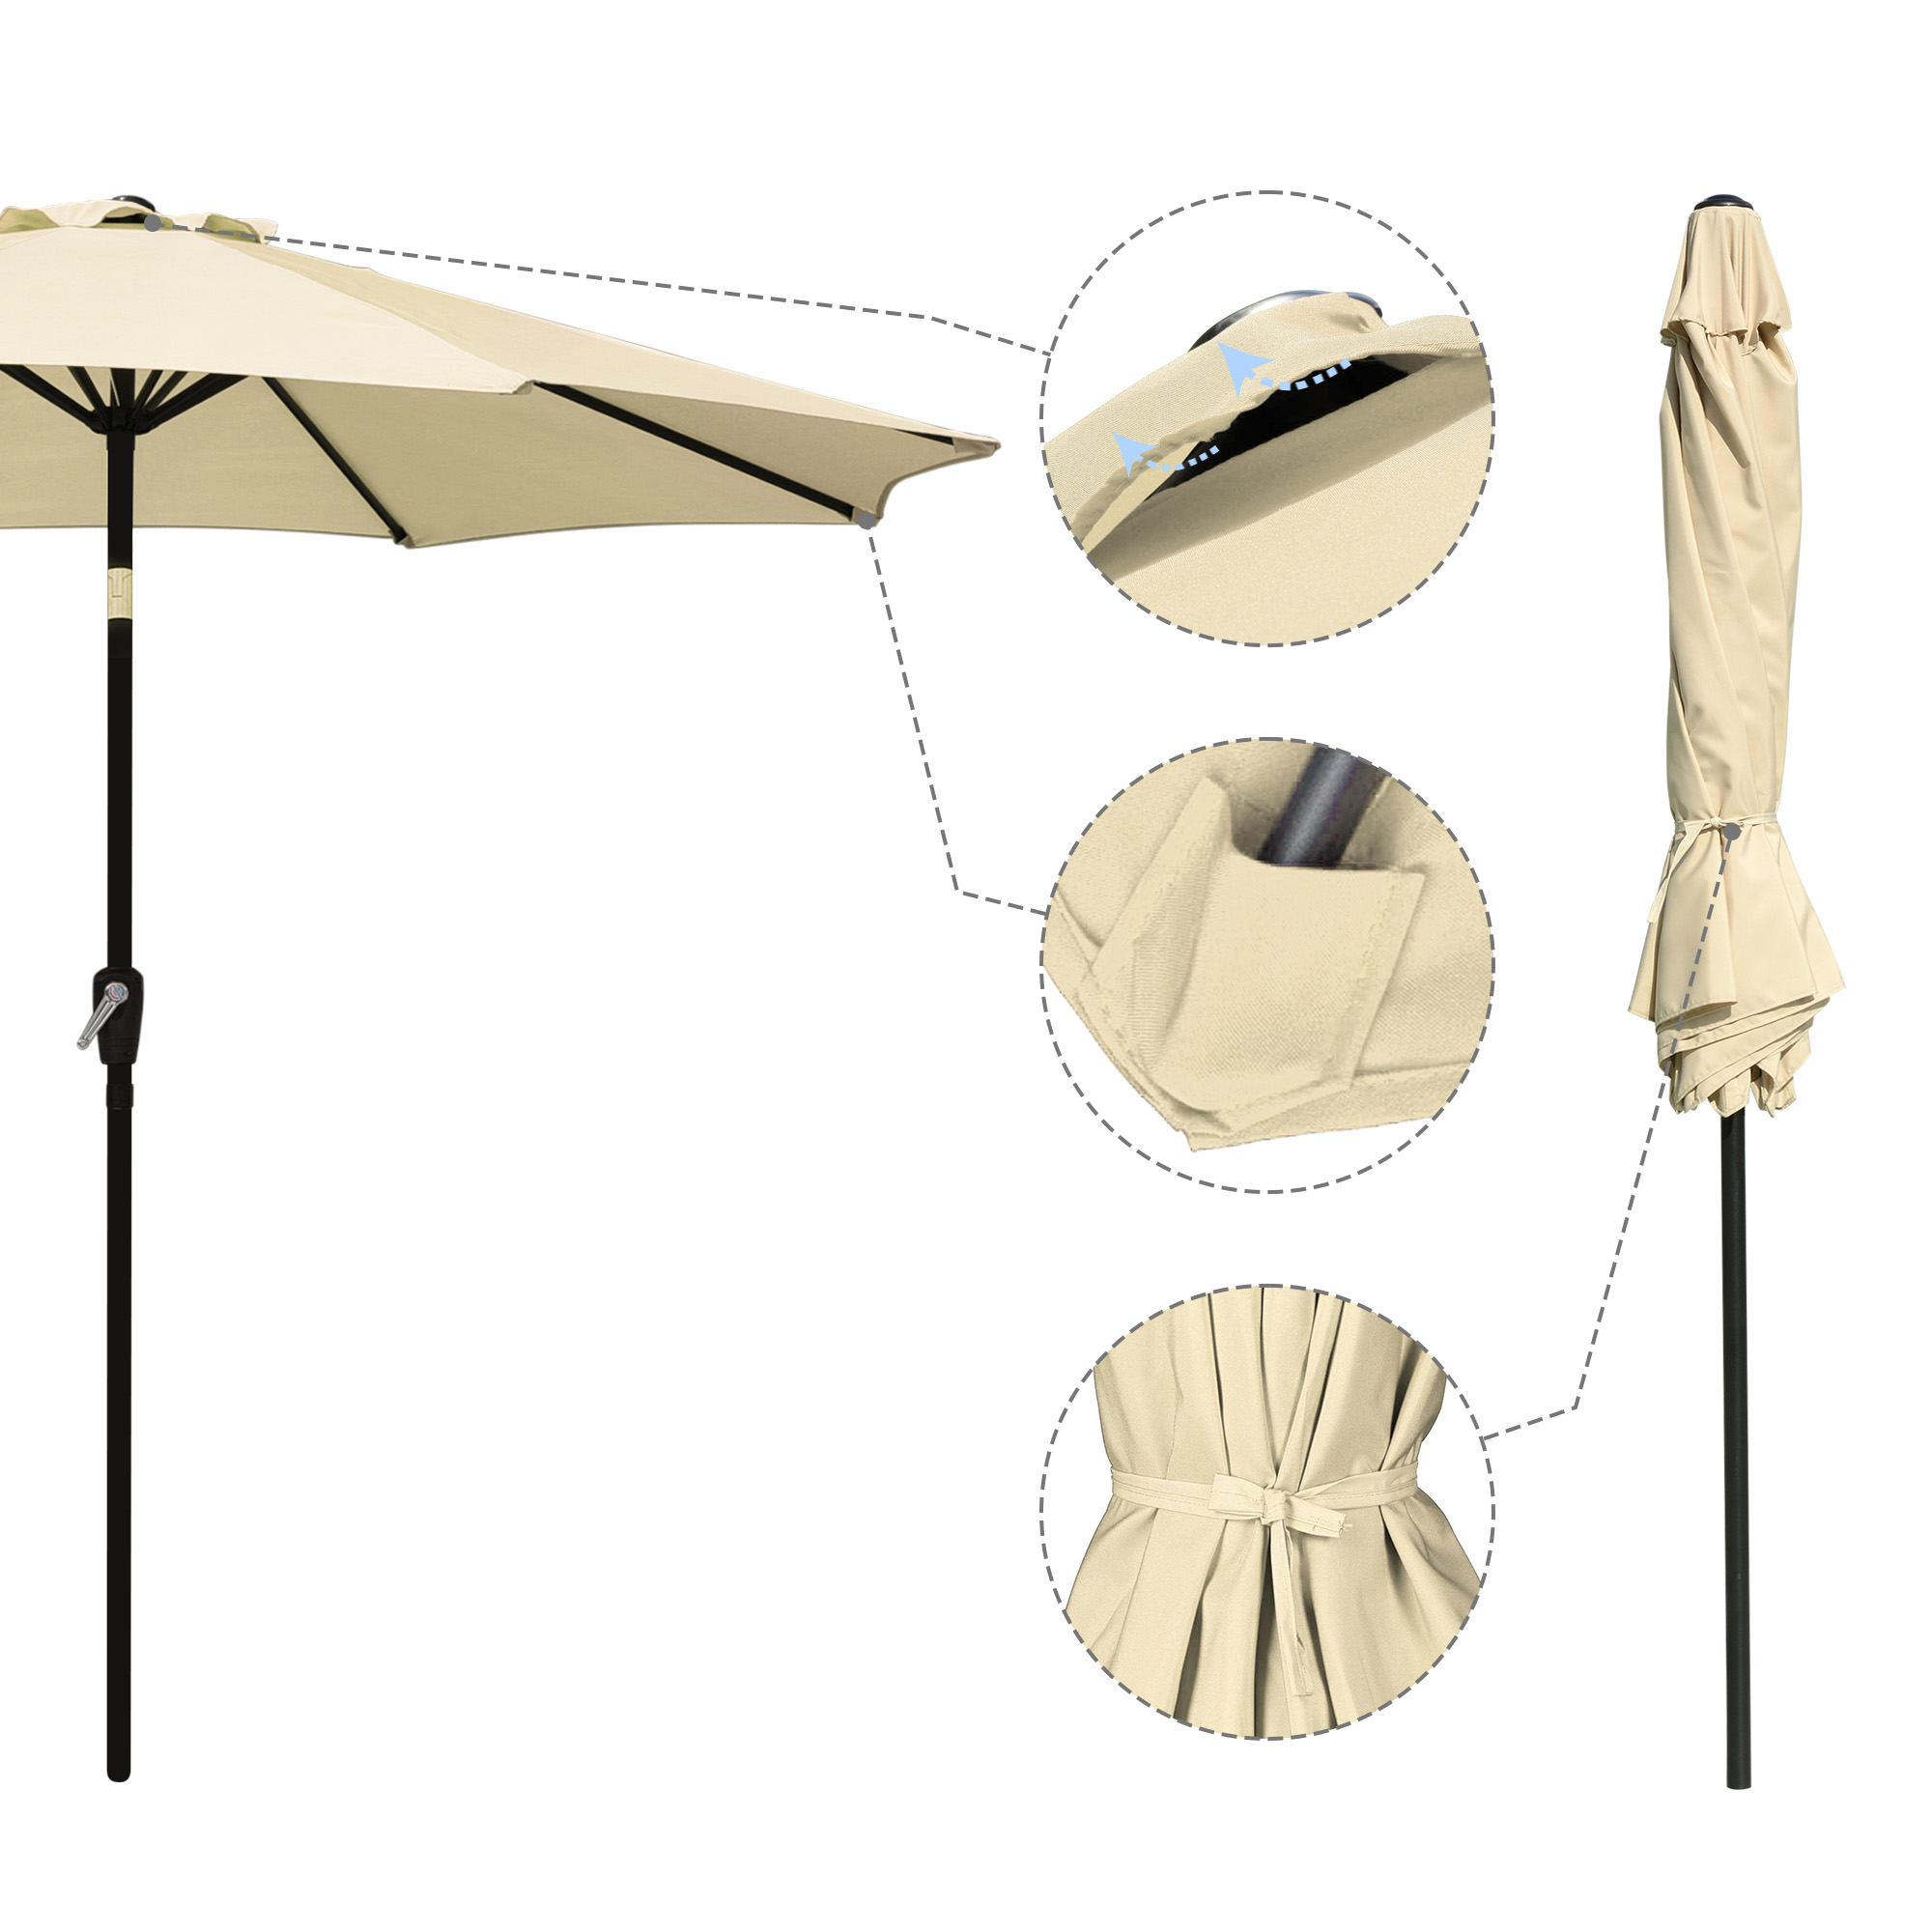 thumbnail 29 - 9' Outdoor Umbrella Patio 8 Ribs Market Garden Crank Tilt Beach Sunshade Parasol